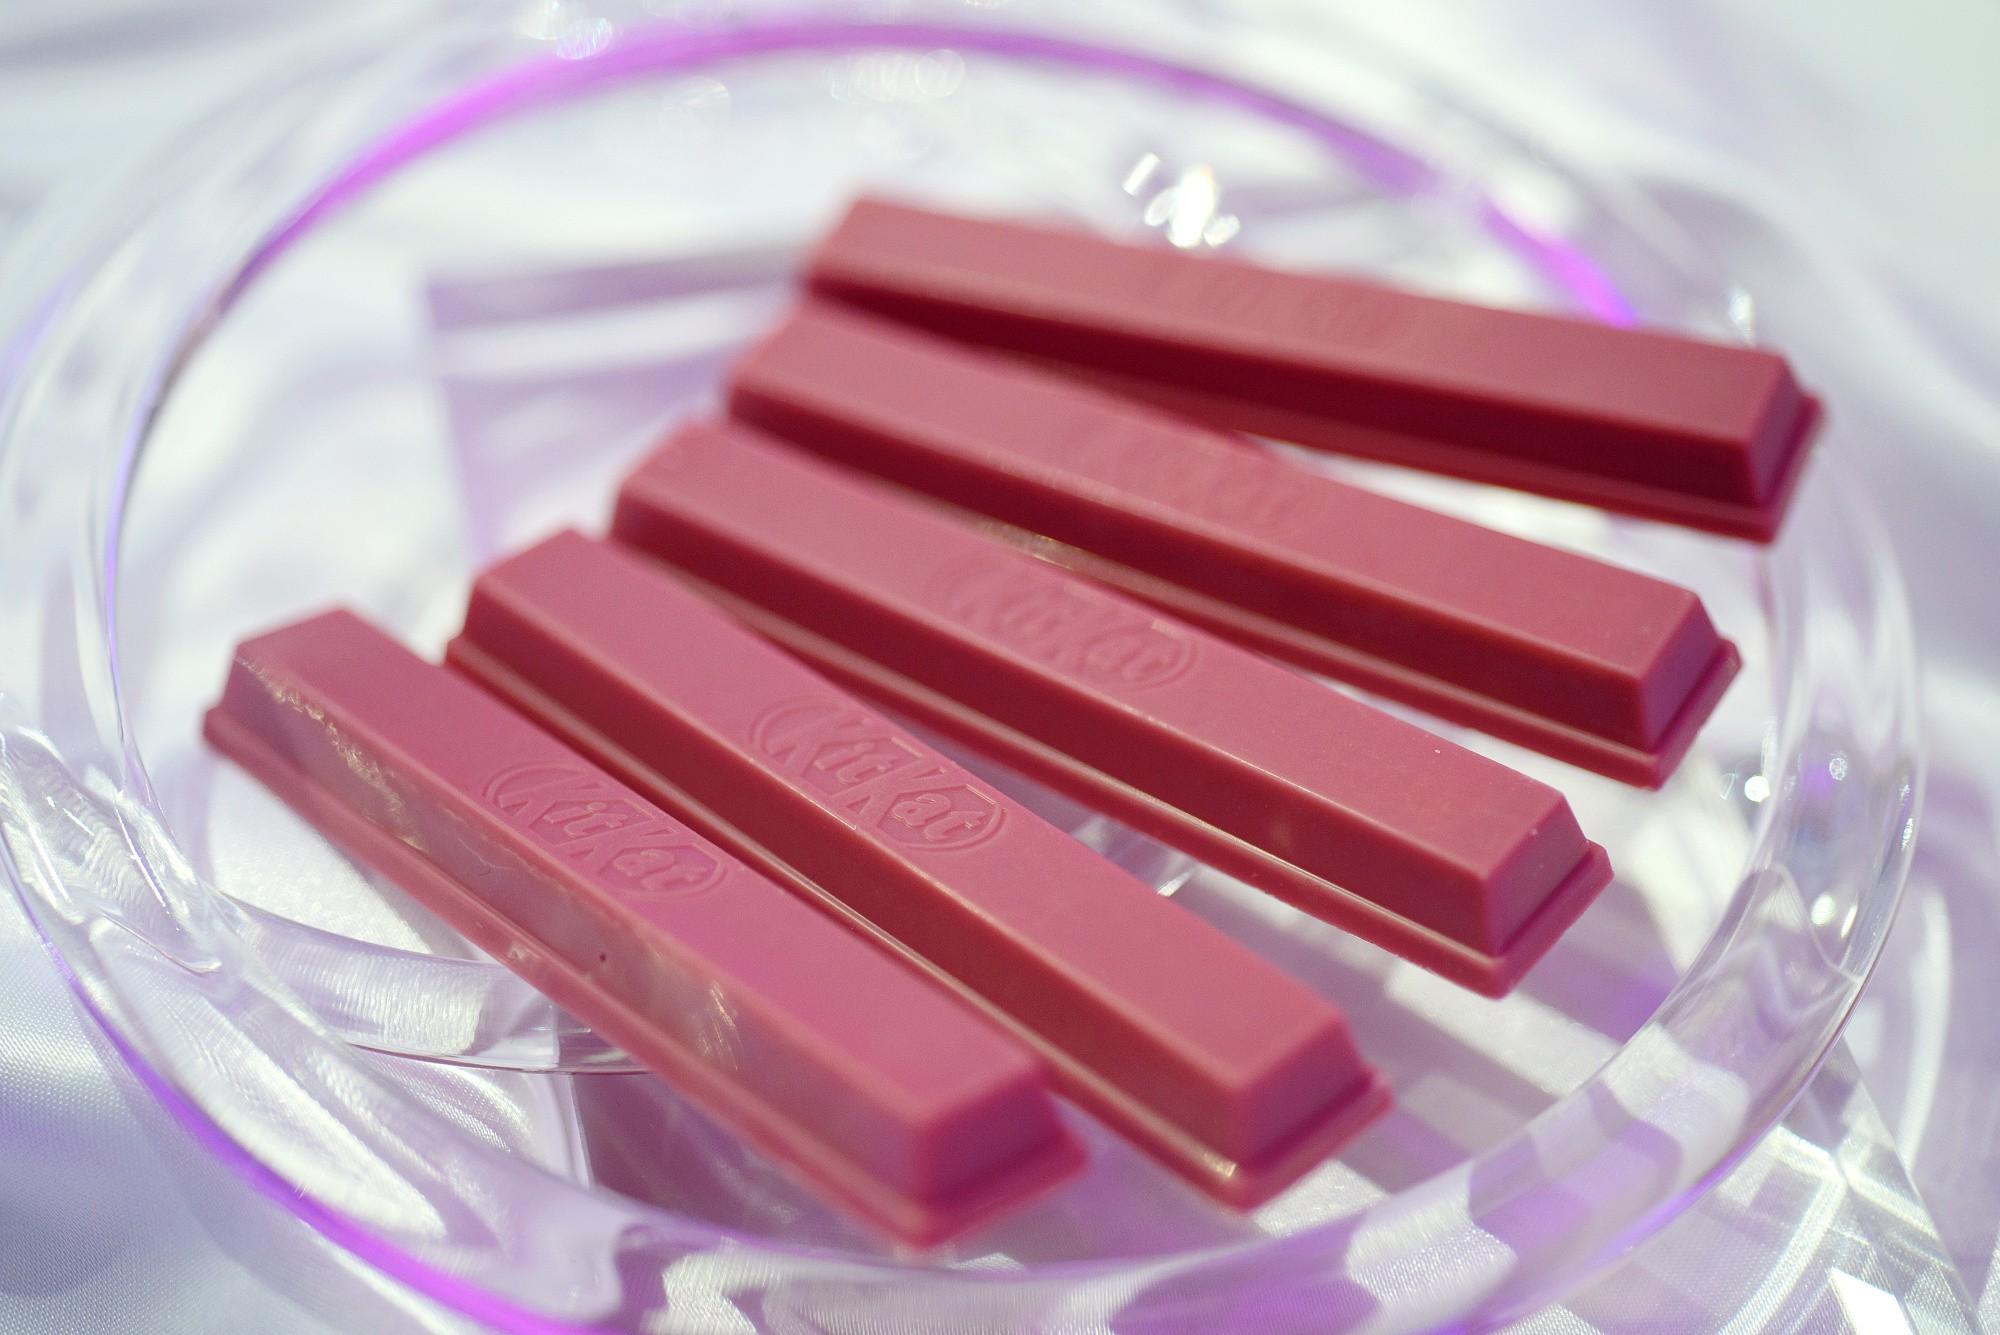 Nhật Bản quả không hổ là thánh địa Kit Kat, đến cả vị đá quý như ruby hồng ngọc cũng có - Ảnh 3.